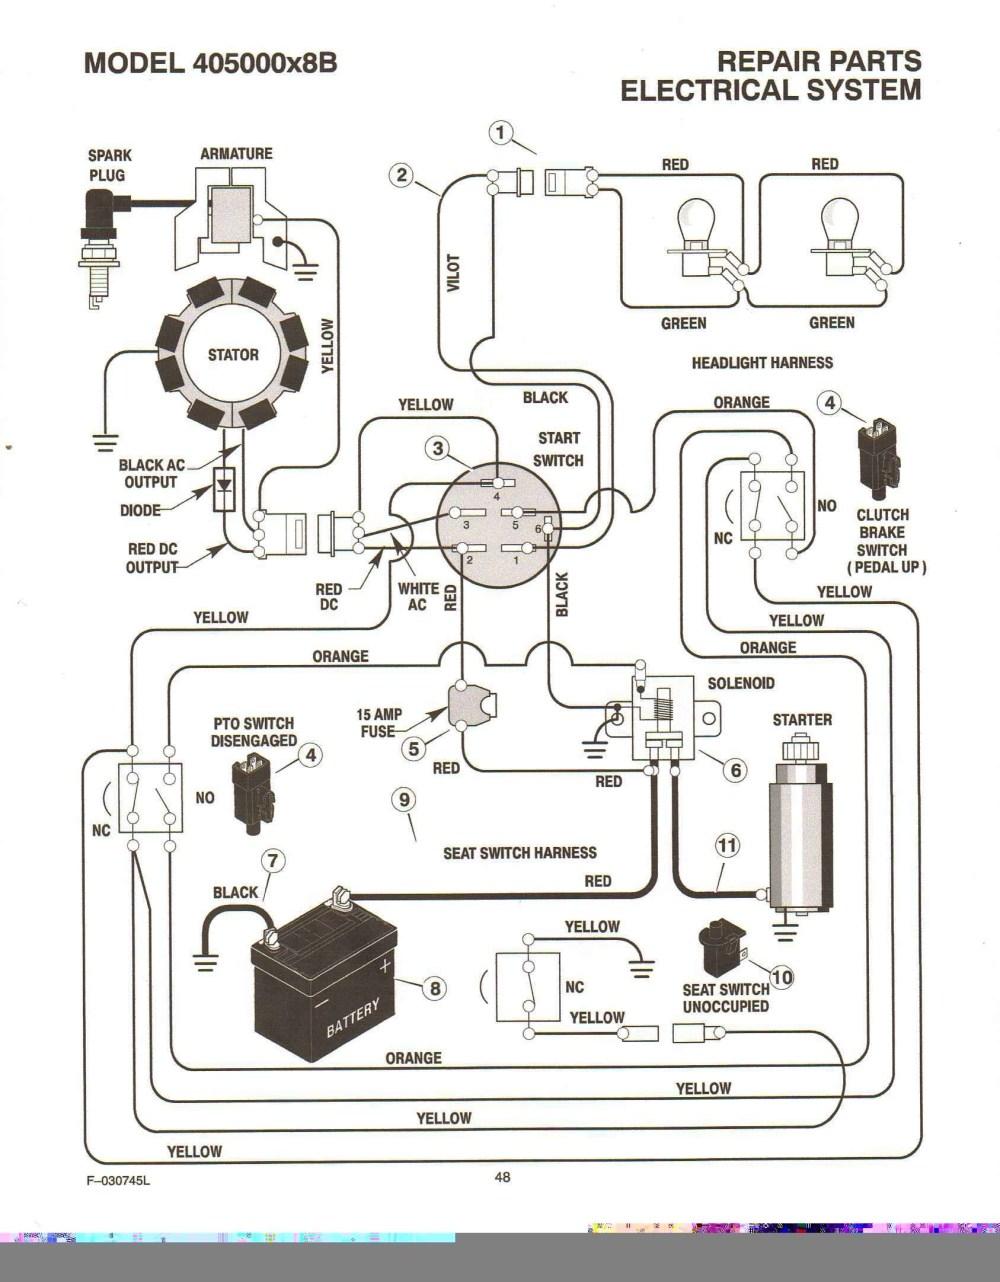 medium resolution of 1989 dodge dynasty wiring diagram